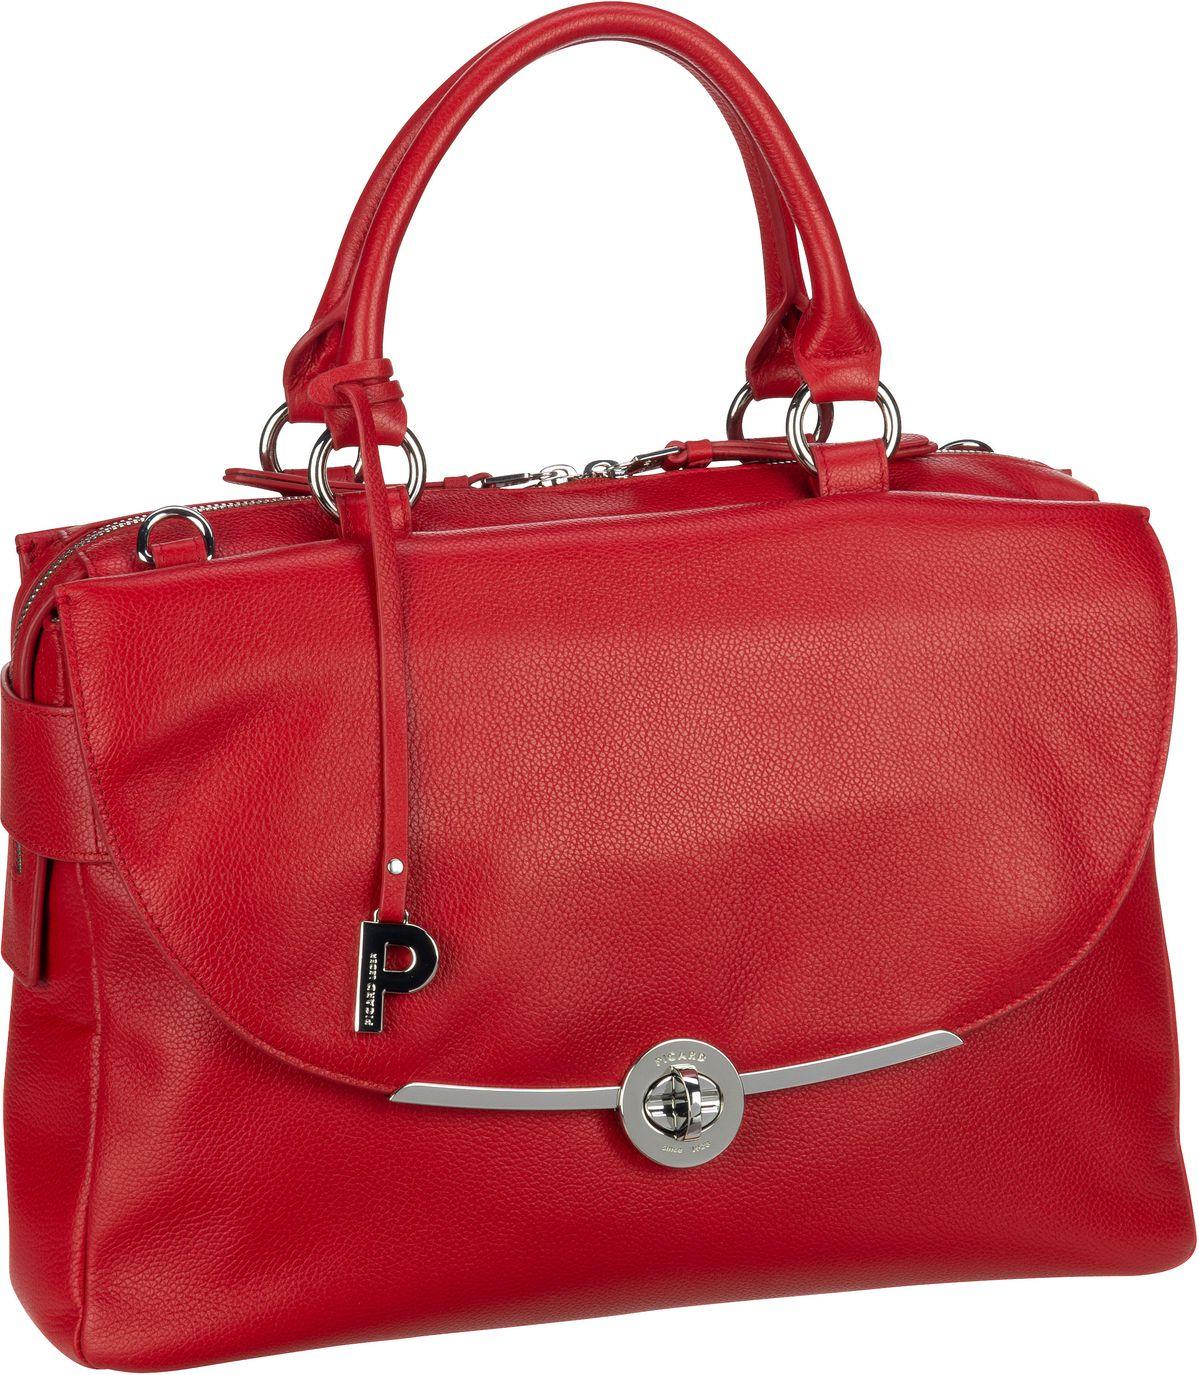 Handtasche Sylt 9704 Lipstick